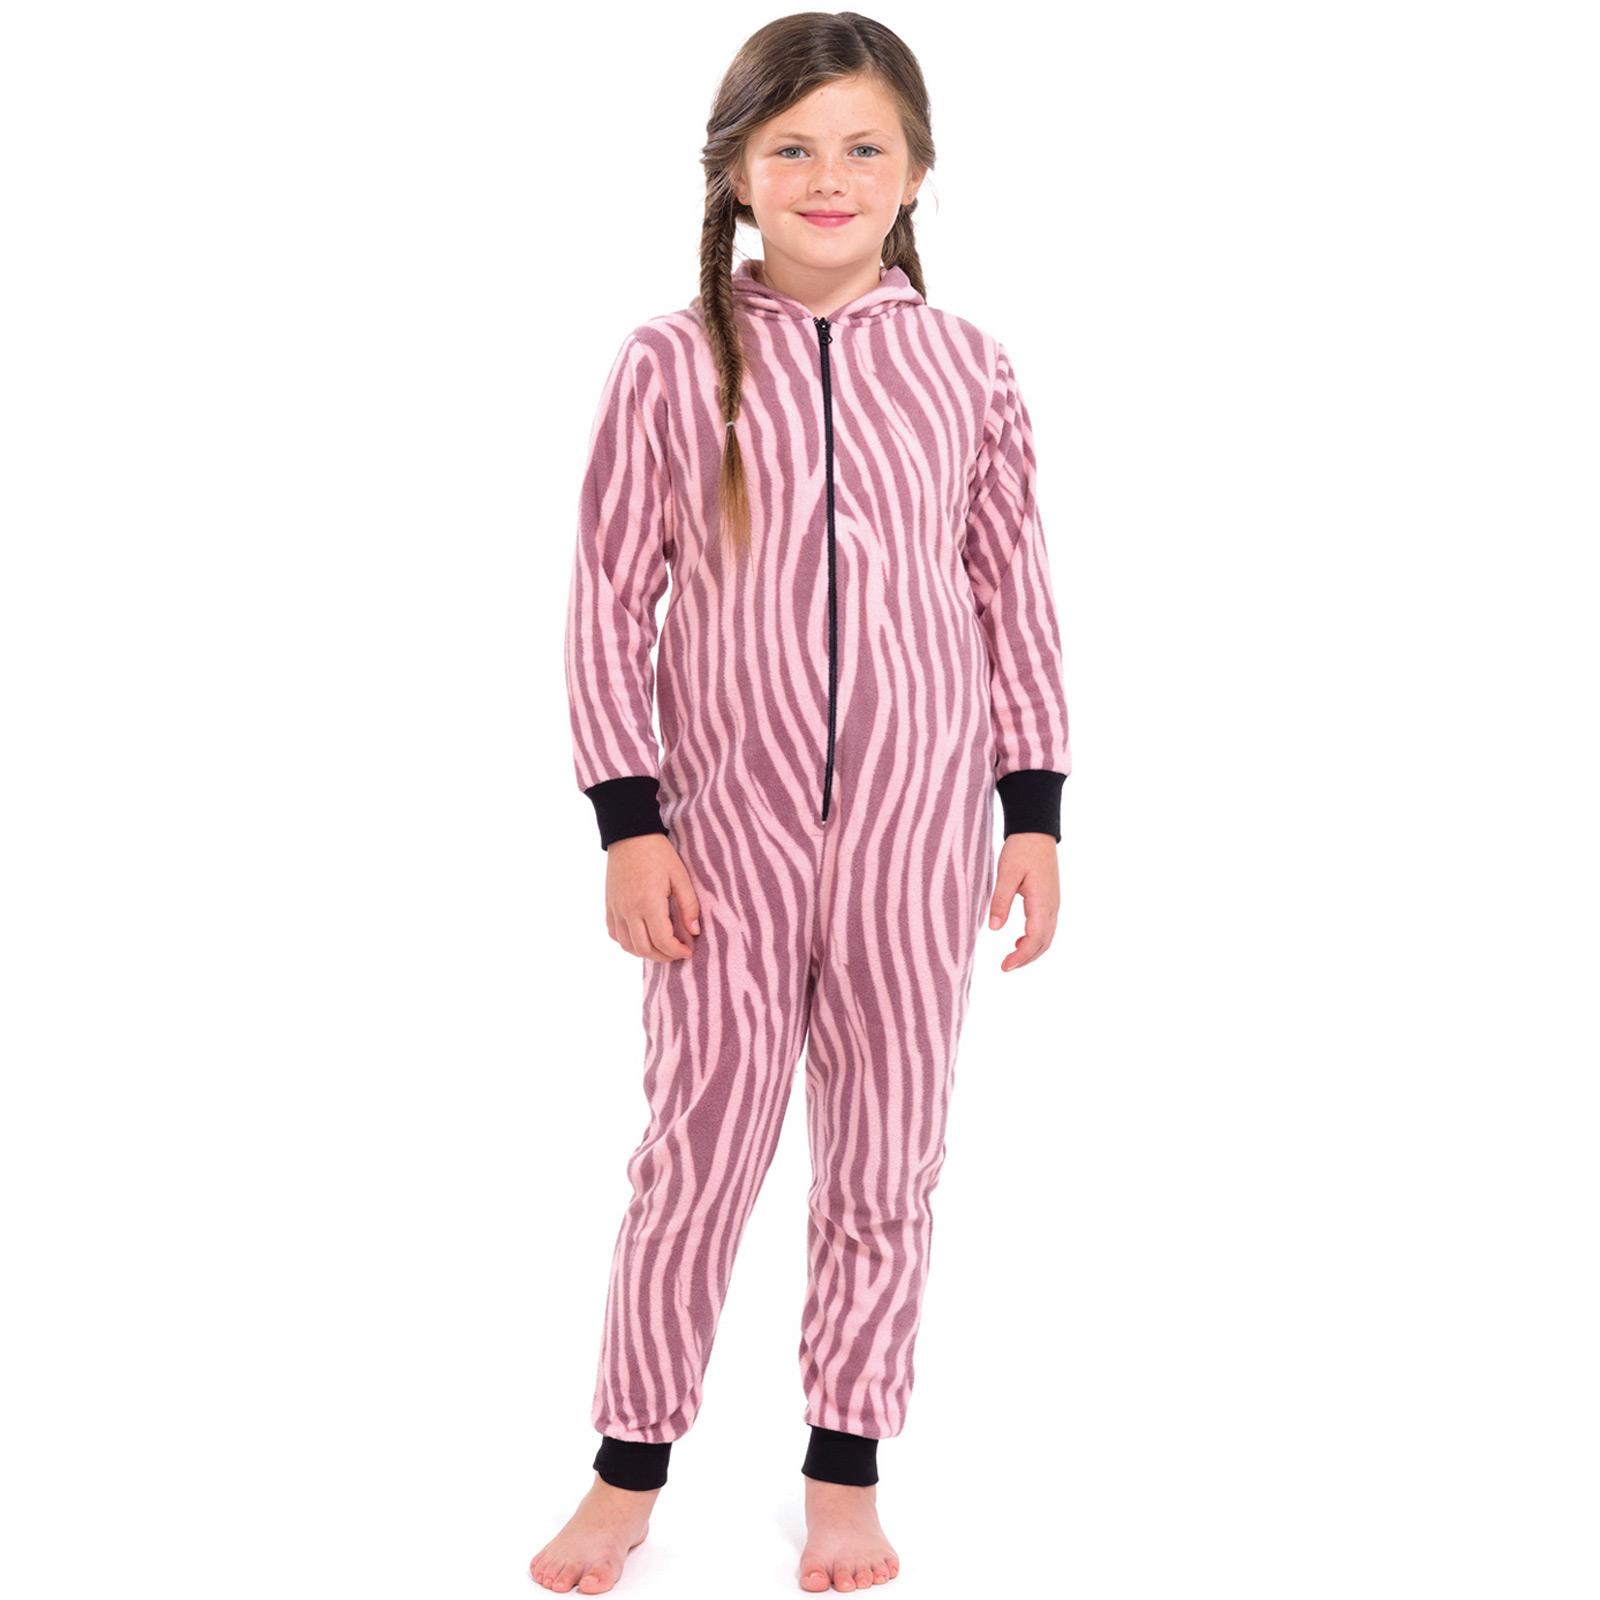 Girls All In One Pyjamas Onesie Animal Print Nightwear Jump Sleep ...